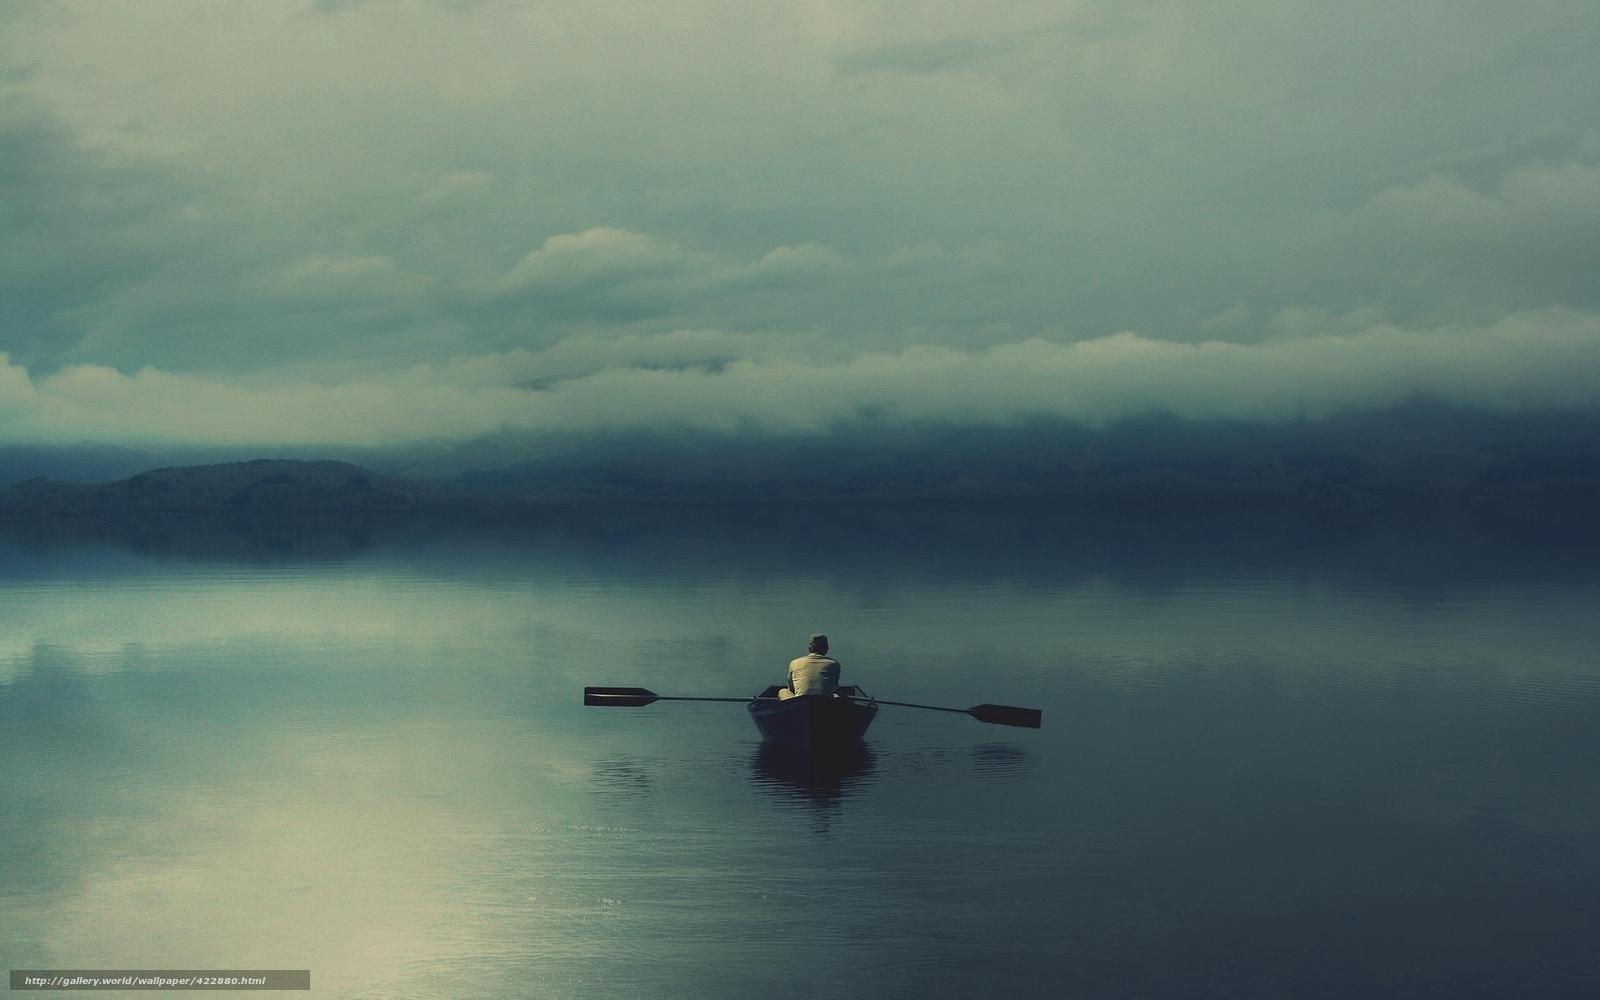 ощущение качает как на лодке